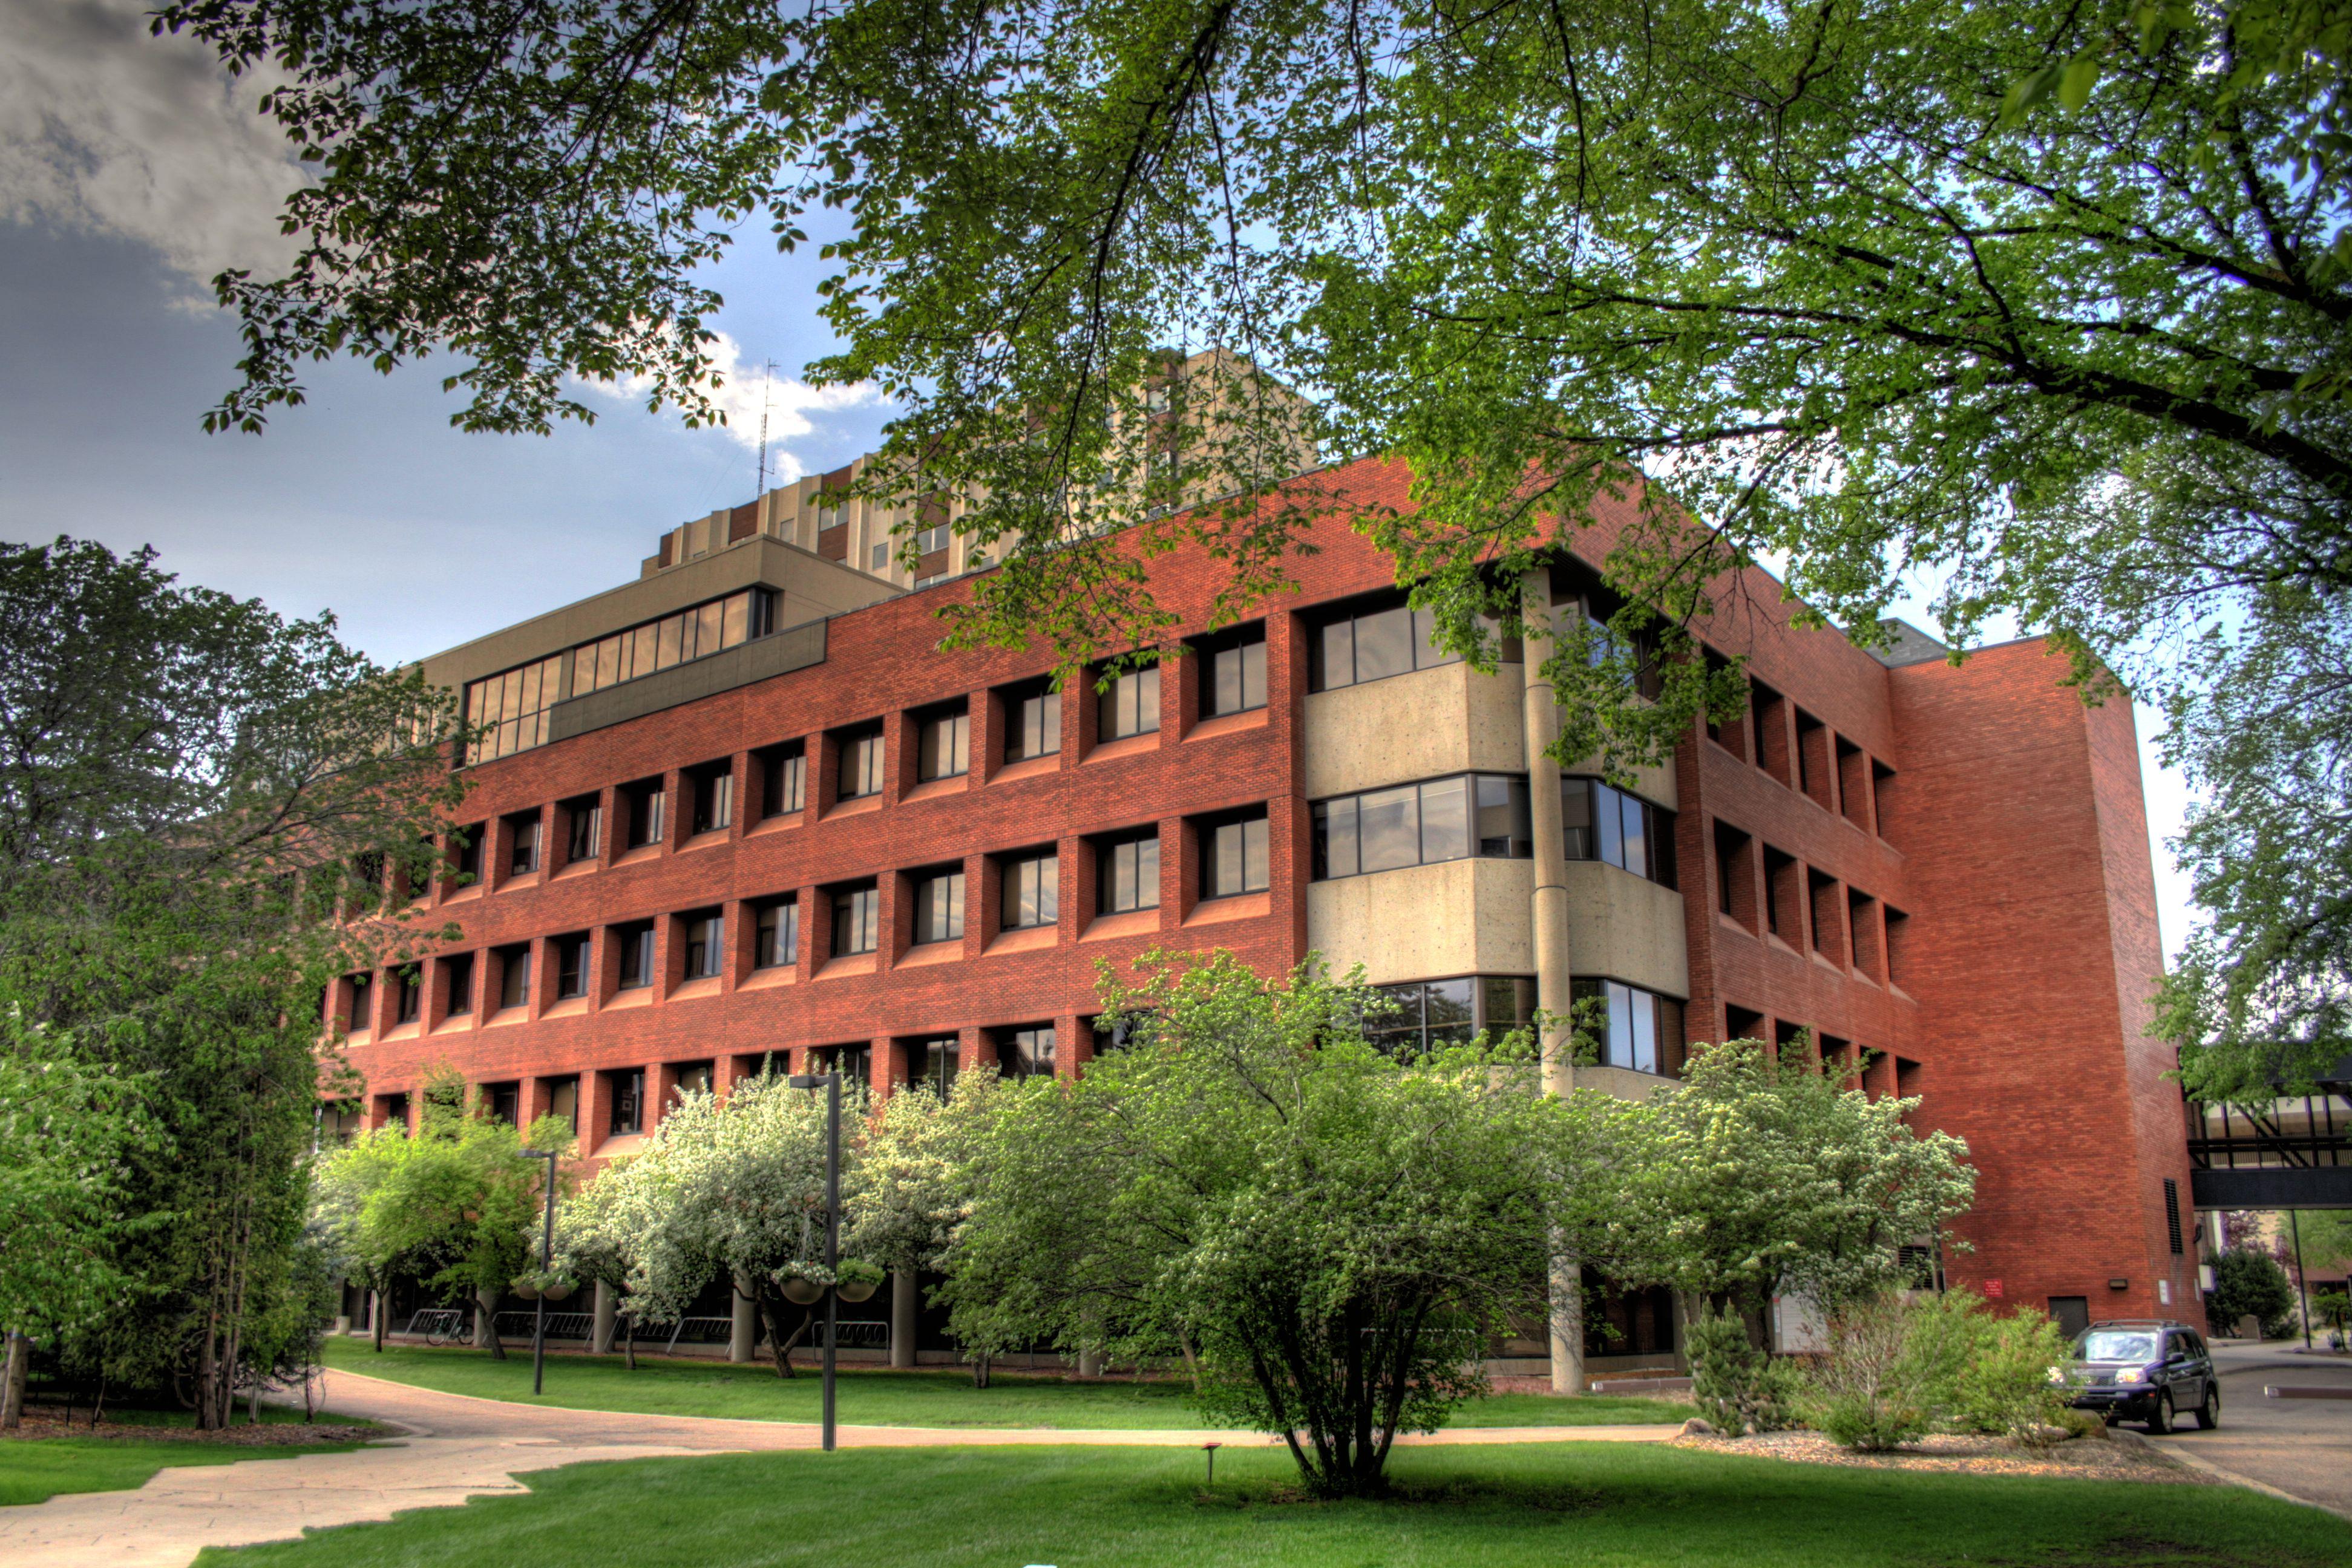 University of Alberta - Edmonton, Alberta